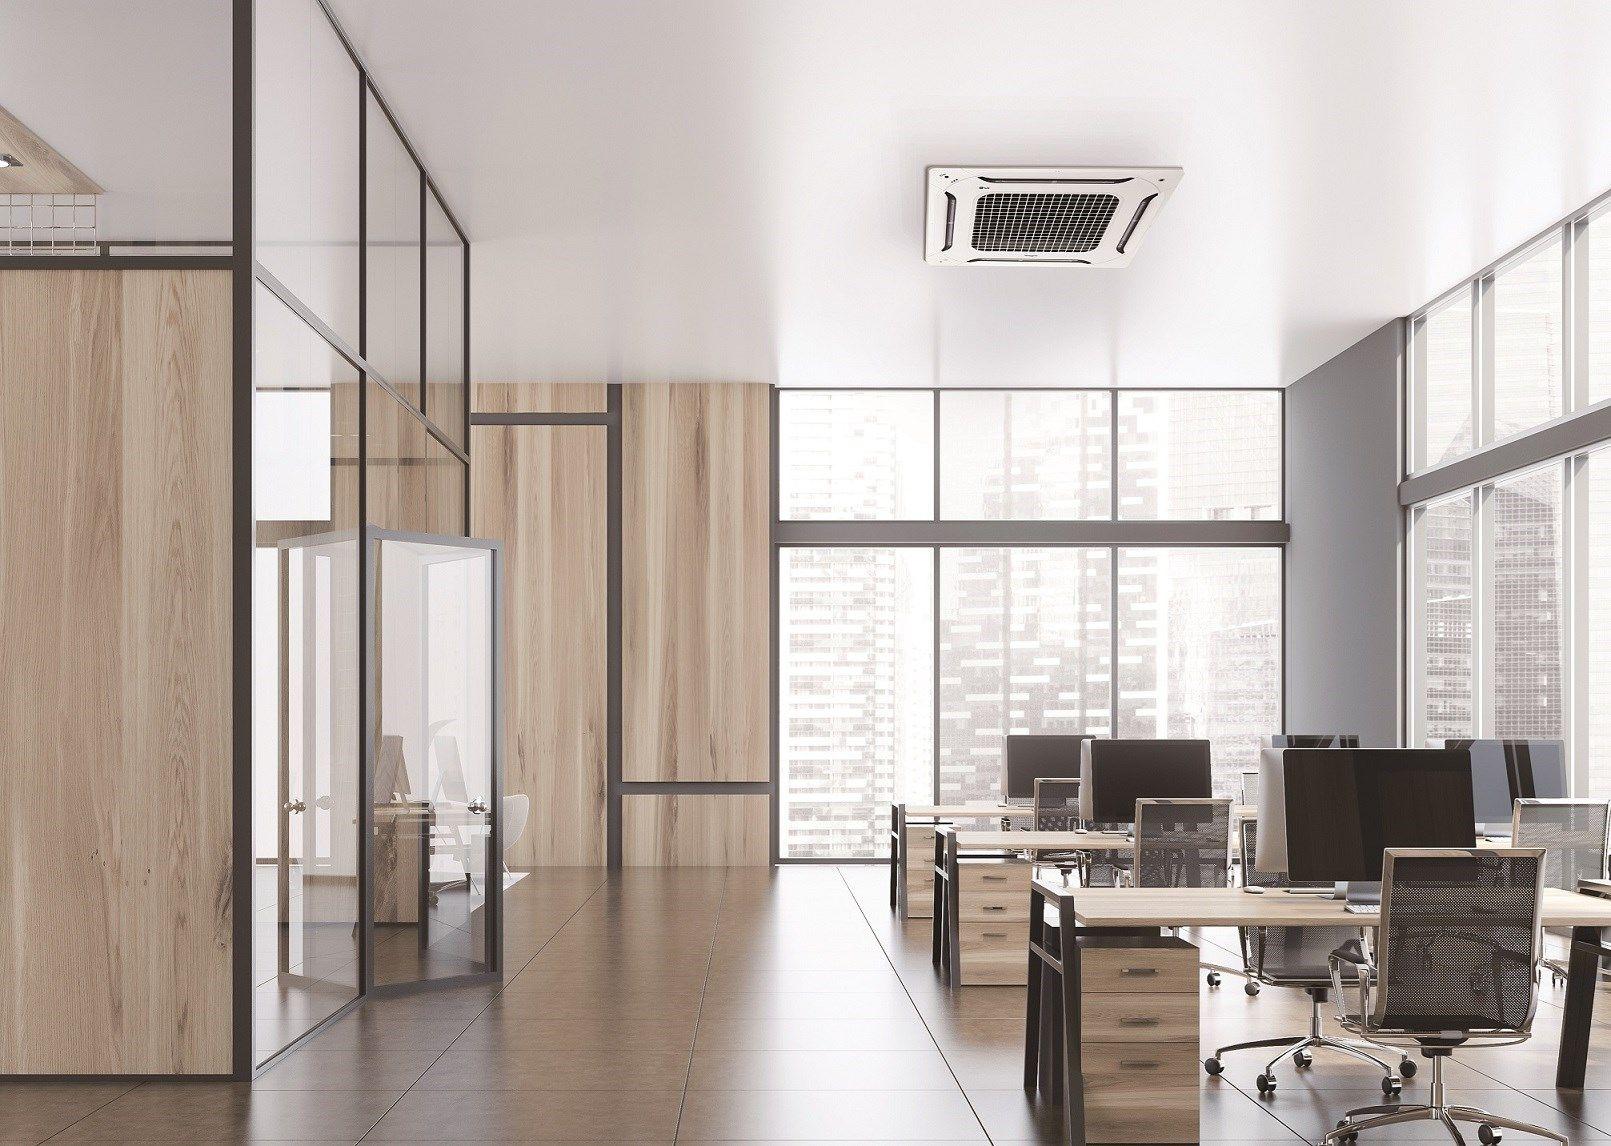 LG: massimizzare l'efficienza degli uffici  con i sistemi HVAC